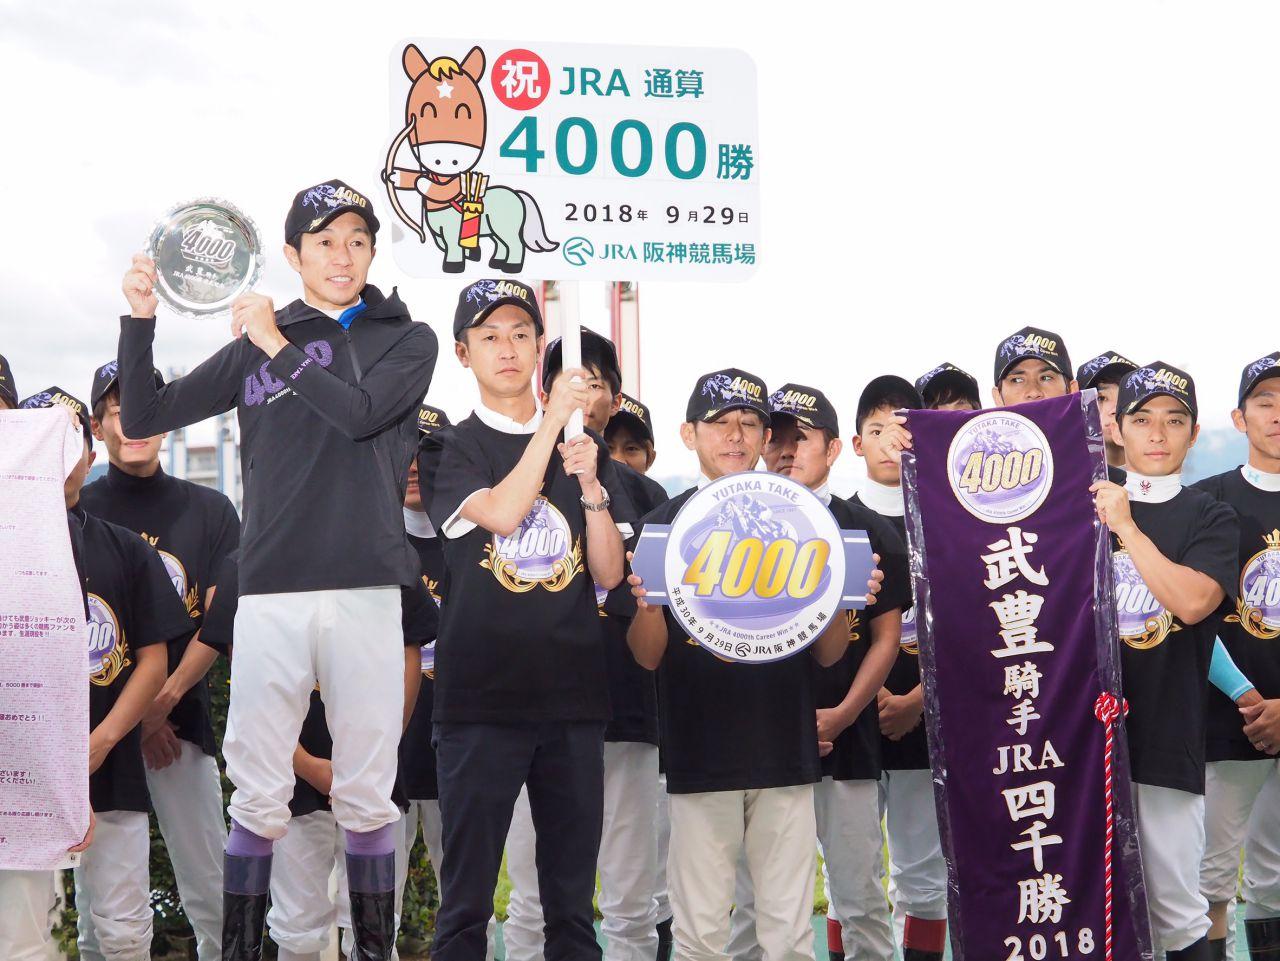 史上初!JRA通算4000勝の金字塔樹立!武豊「ひとつひとつの積み重ね」